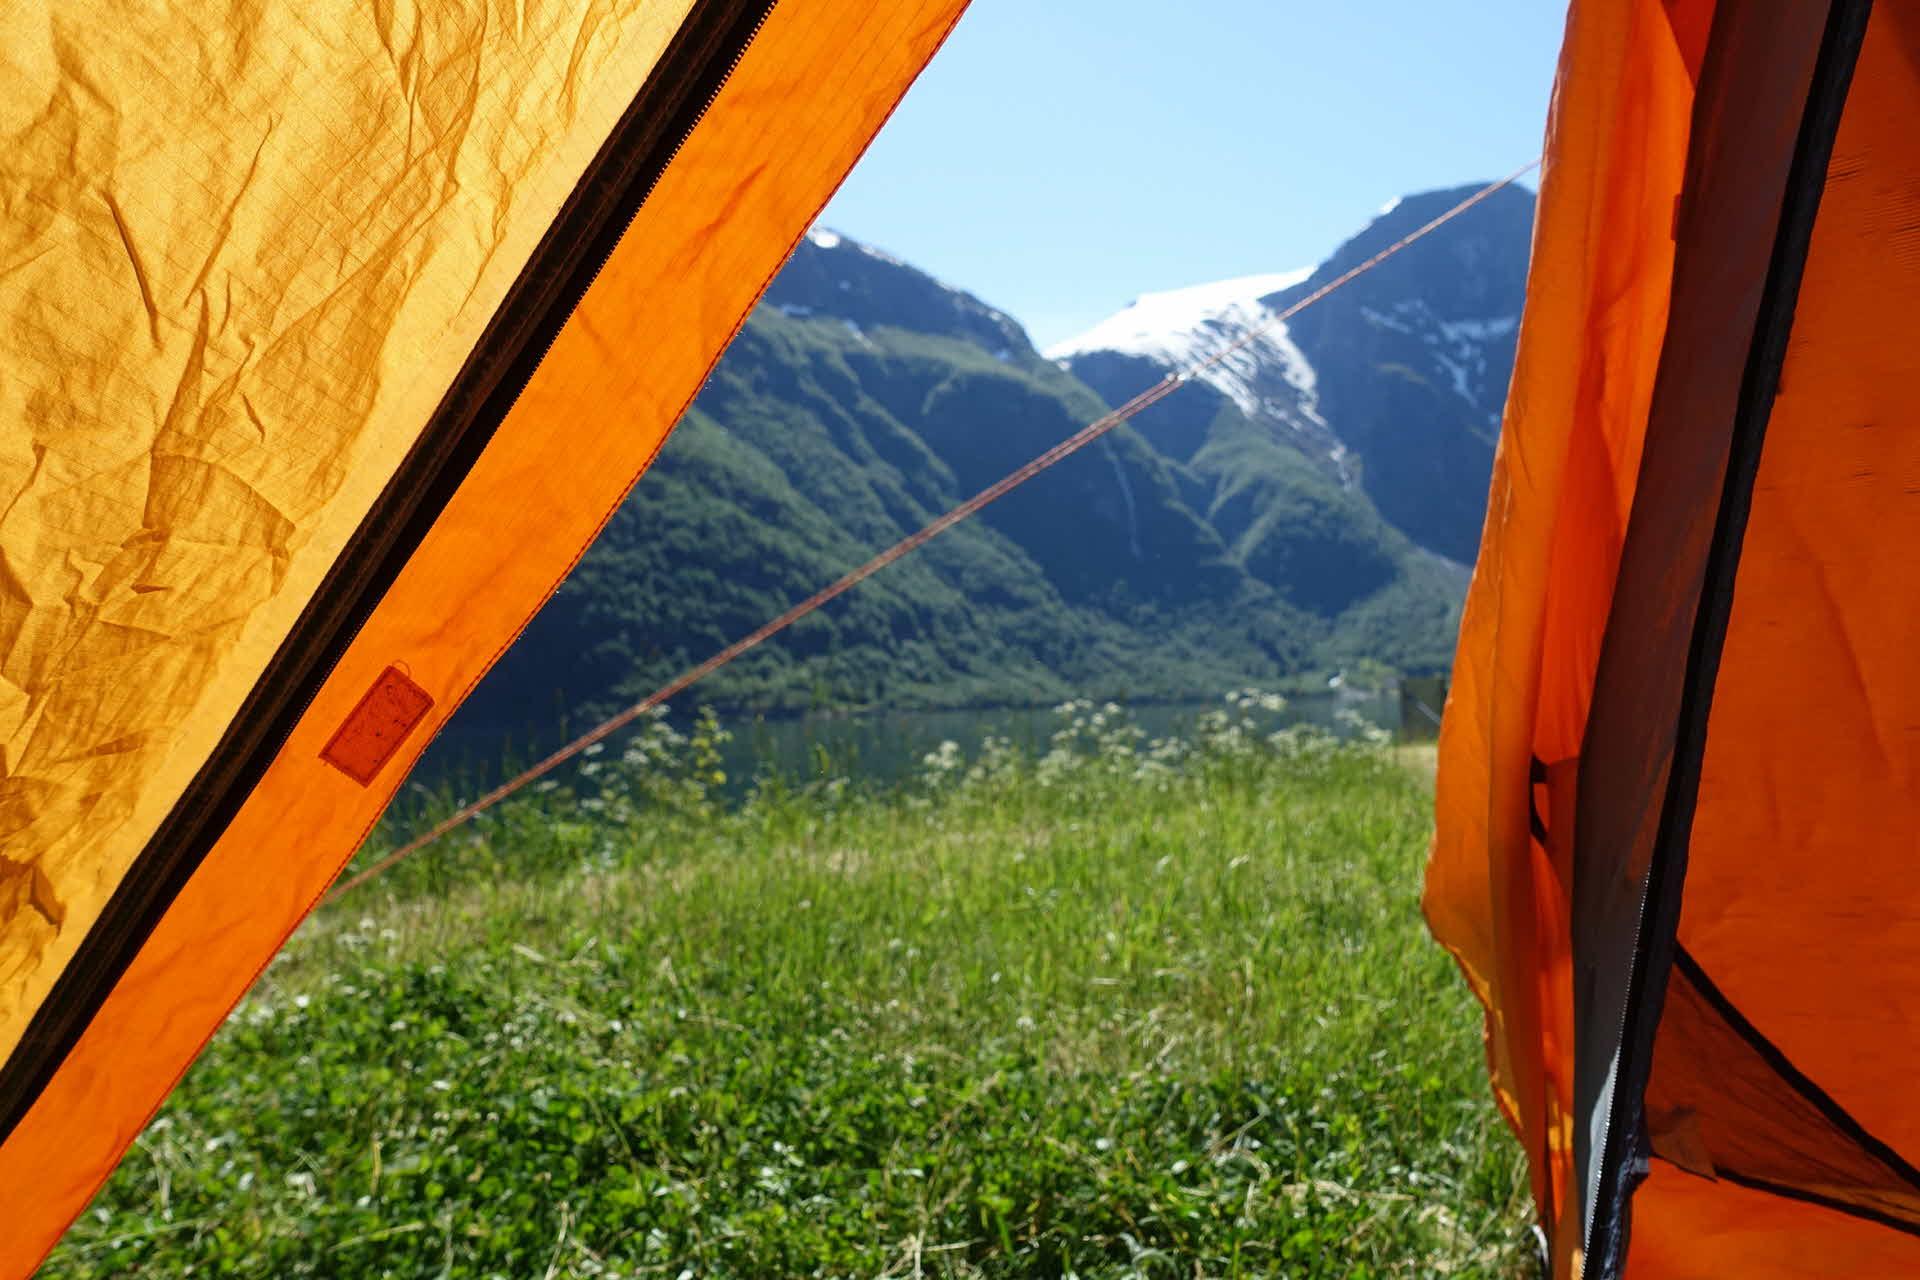 Utsikt gjennom oransje teltåpning med grønn eng i front og høye fjell i bakgrunnen med snøkledte topper